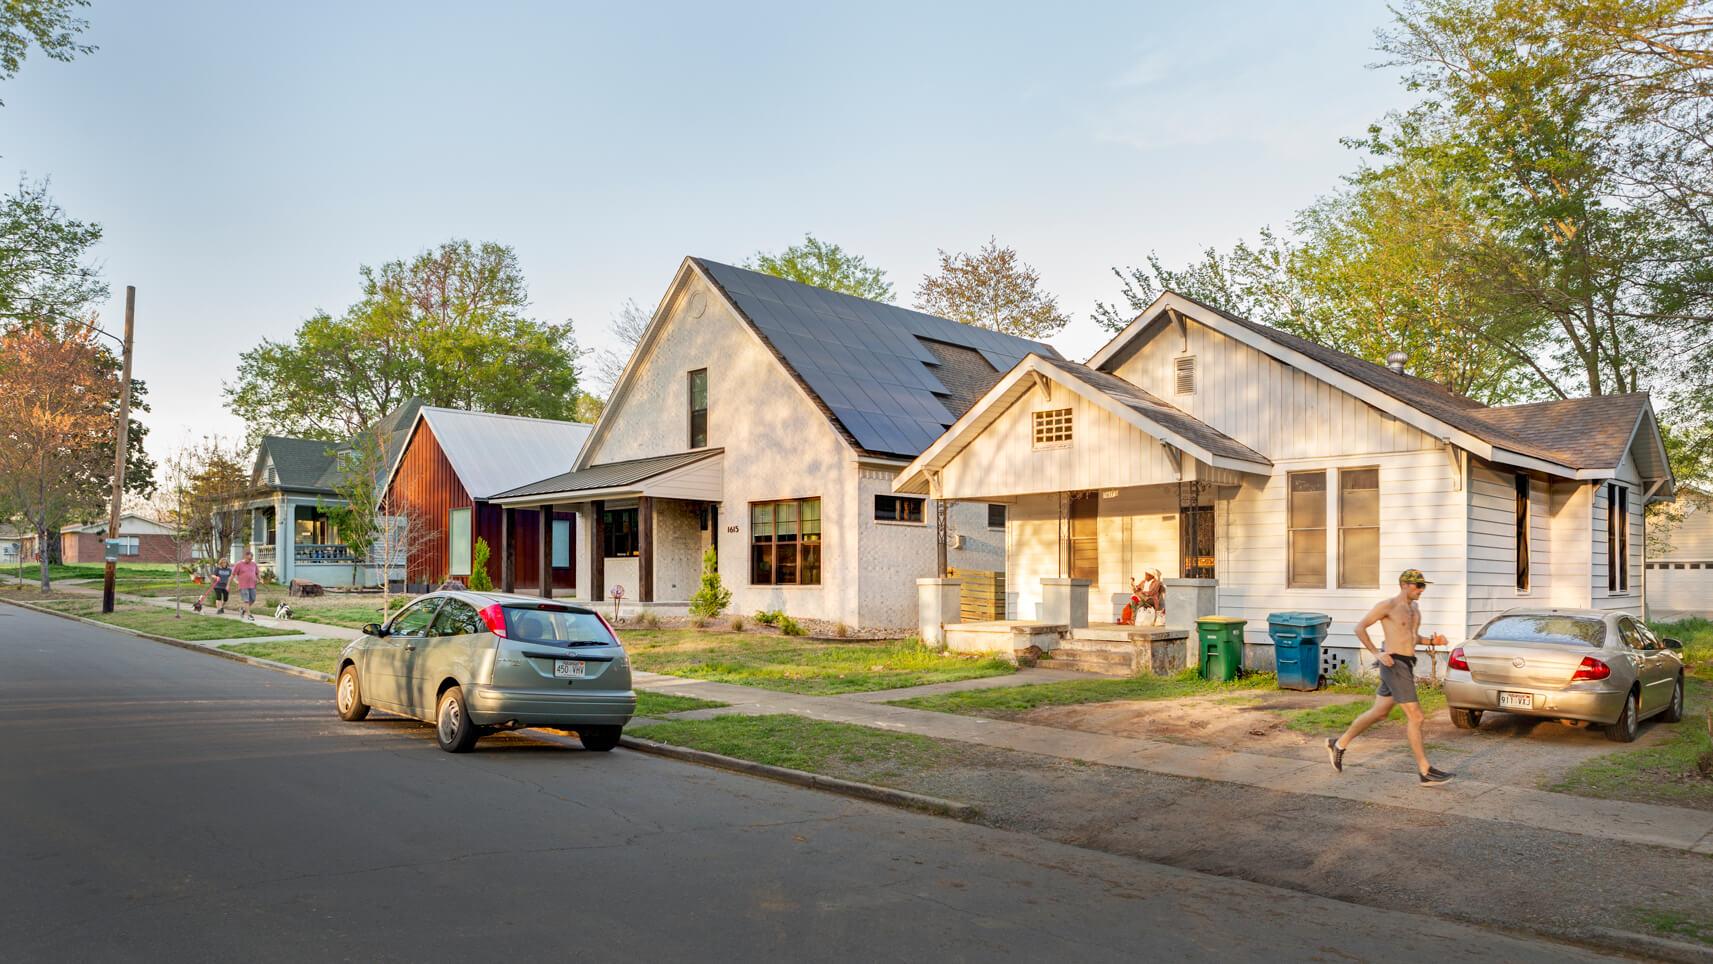 Image of 1600 Rock Street in Little Rock